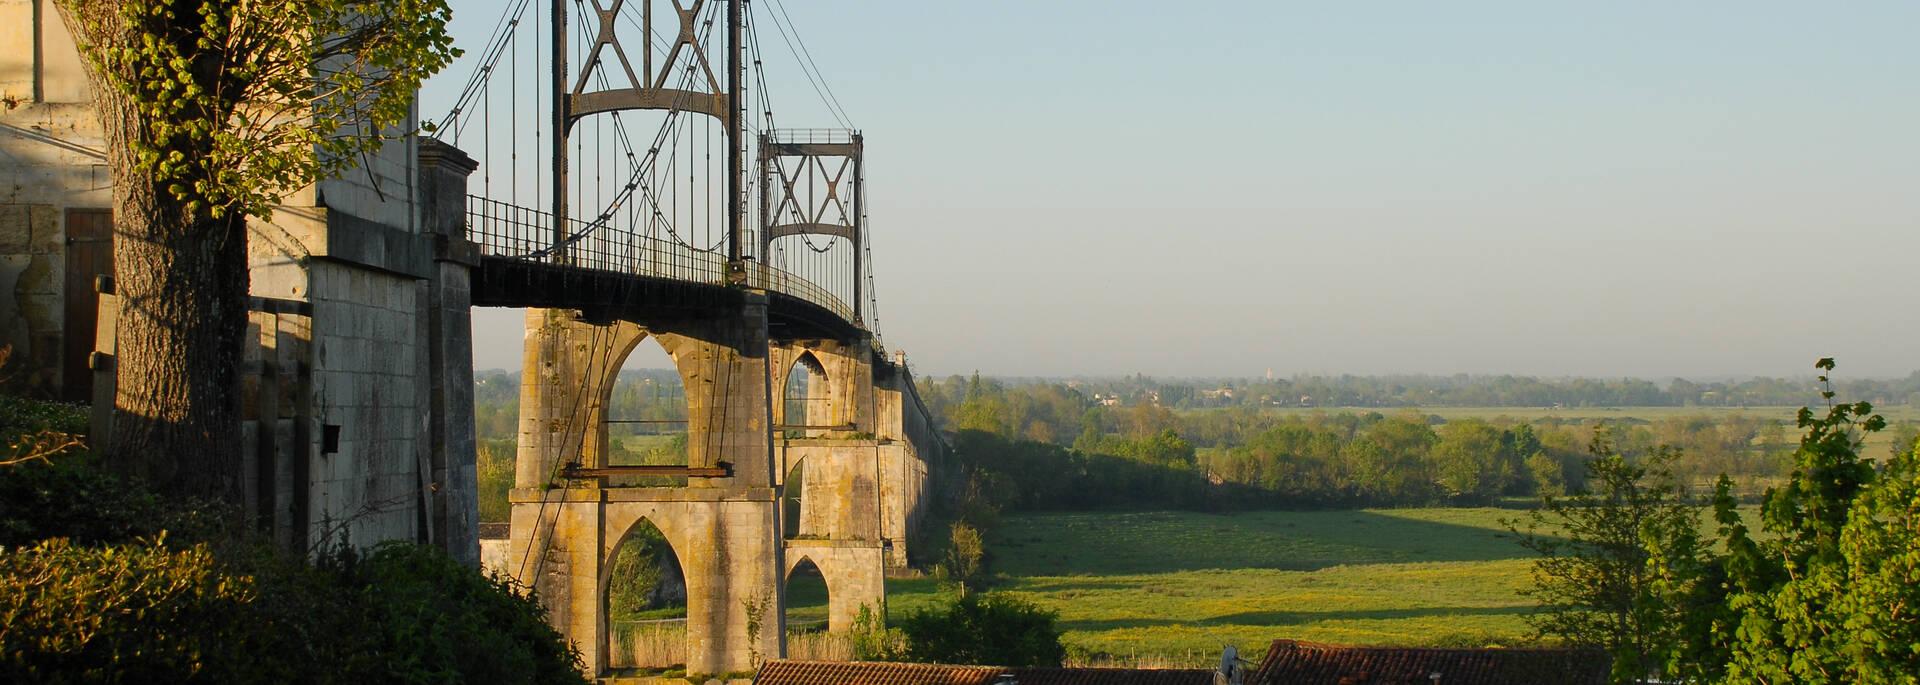 Pont Suspendu et campagne environnante de Tonnay-Charente - ©  Dominique Szatrowski - Fotolia